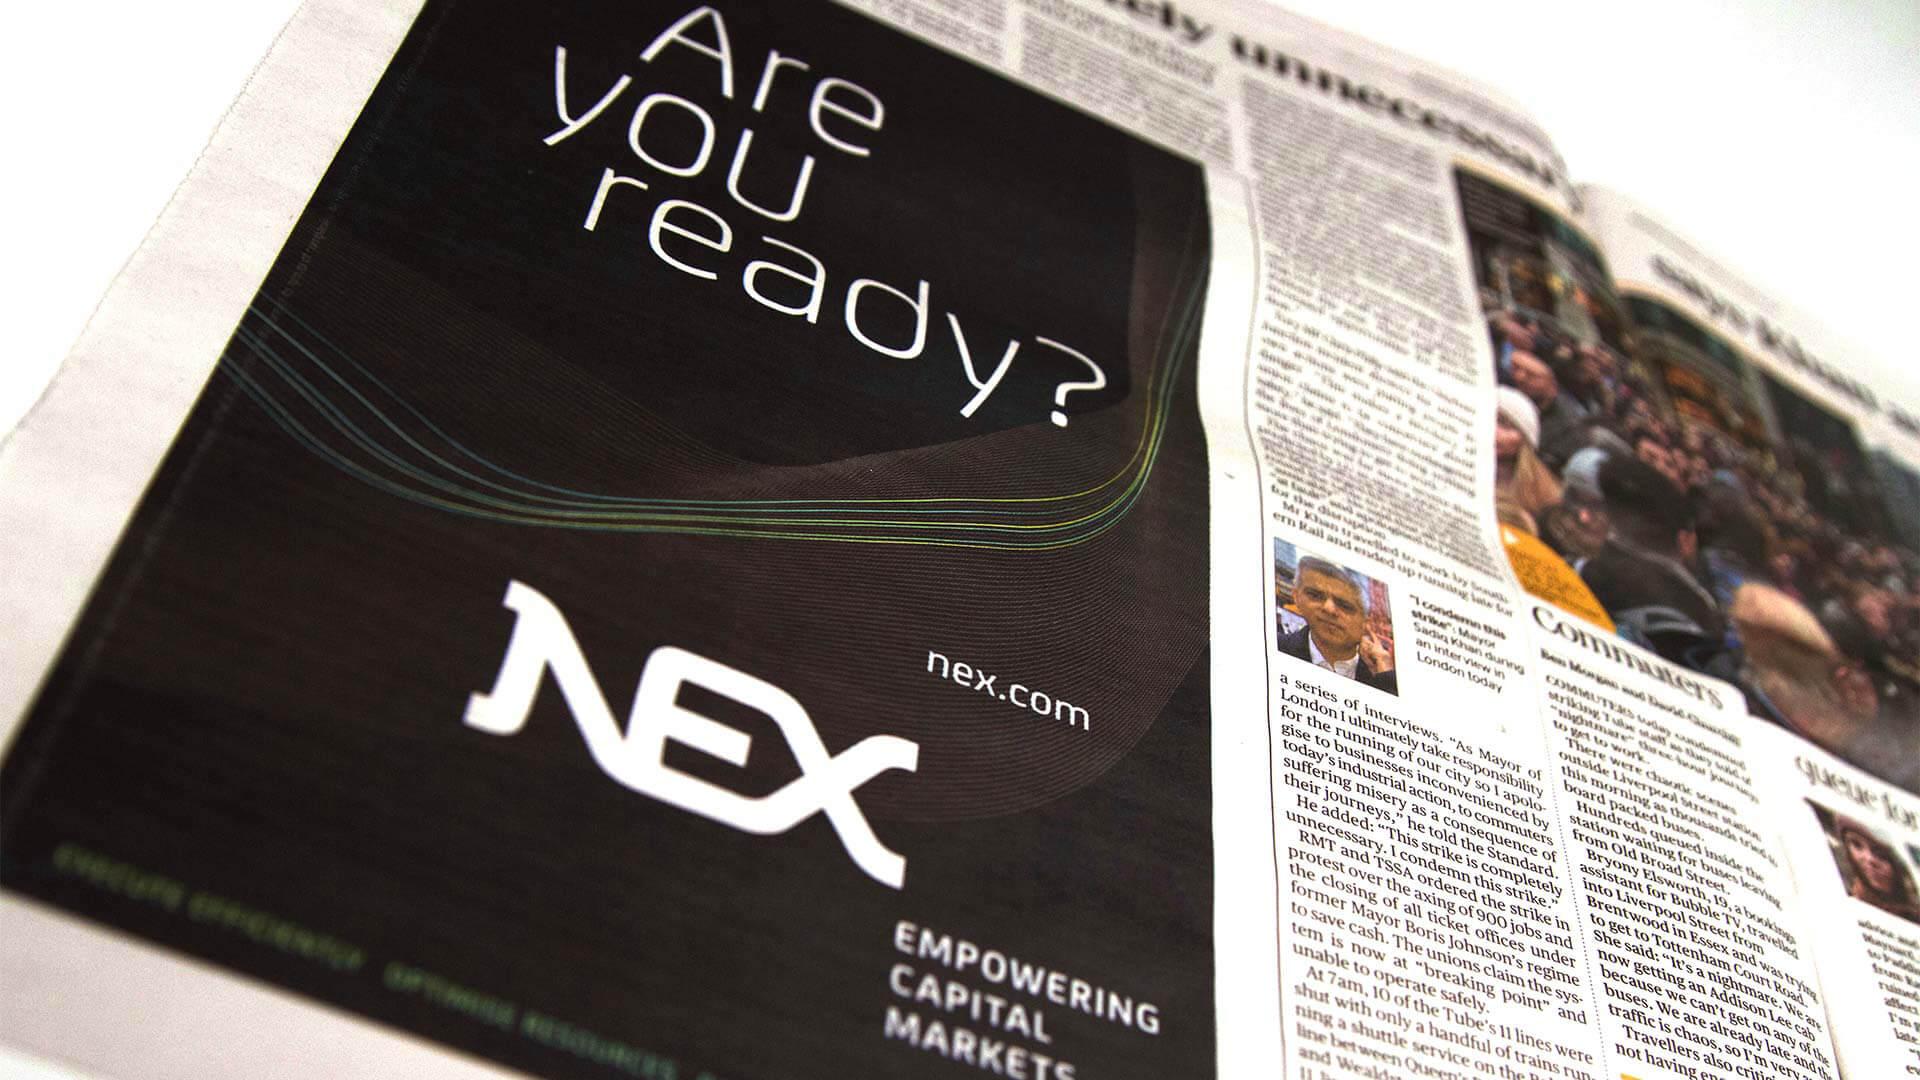 nex brand launch campaign